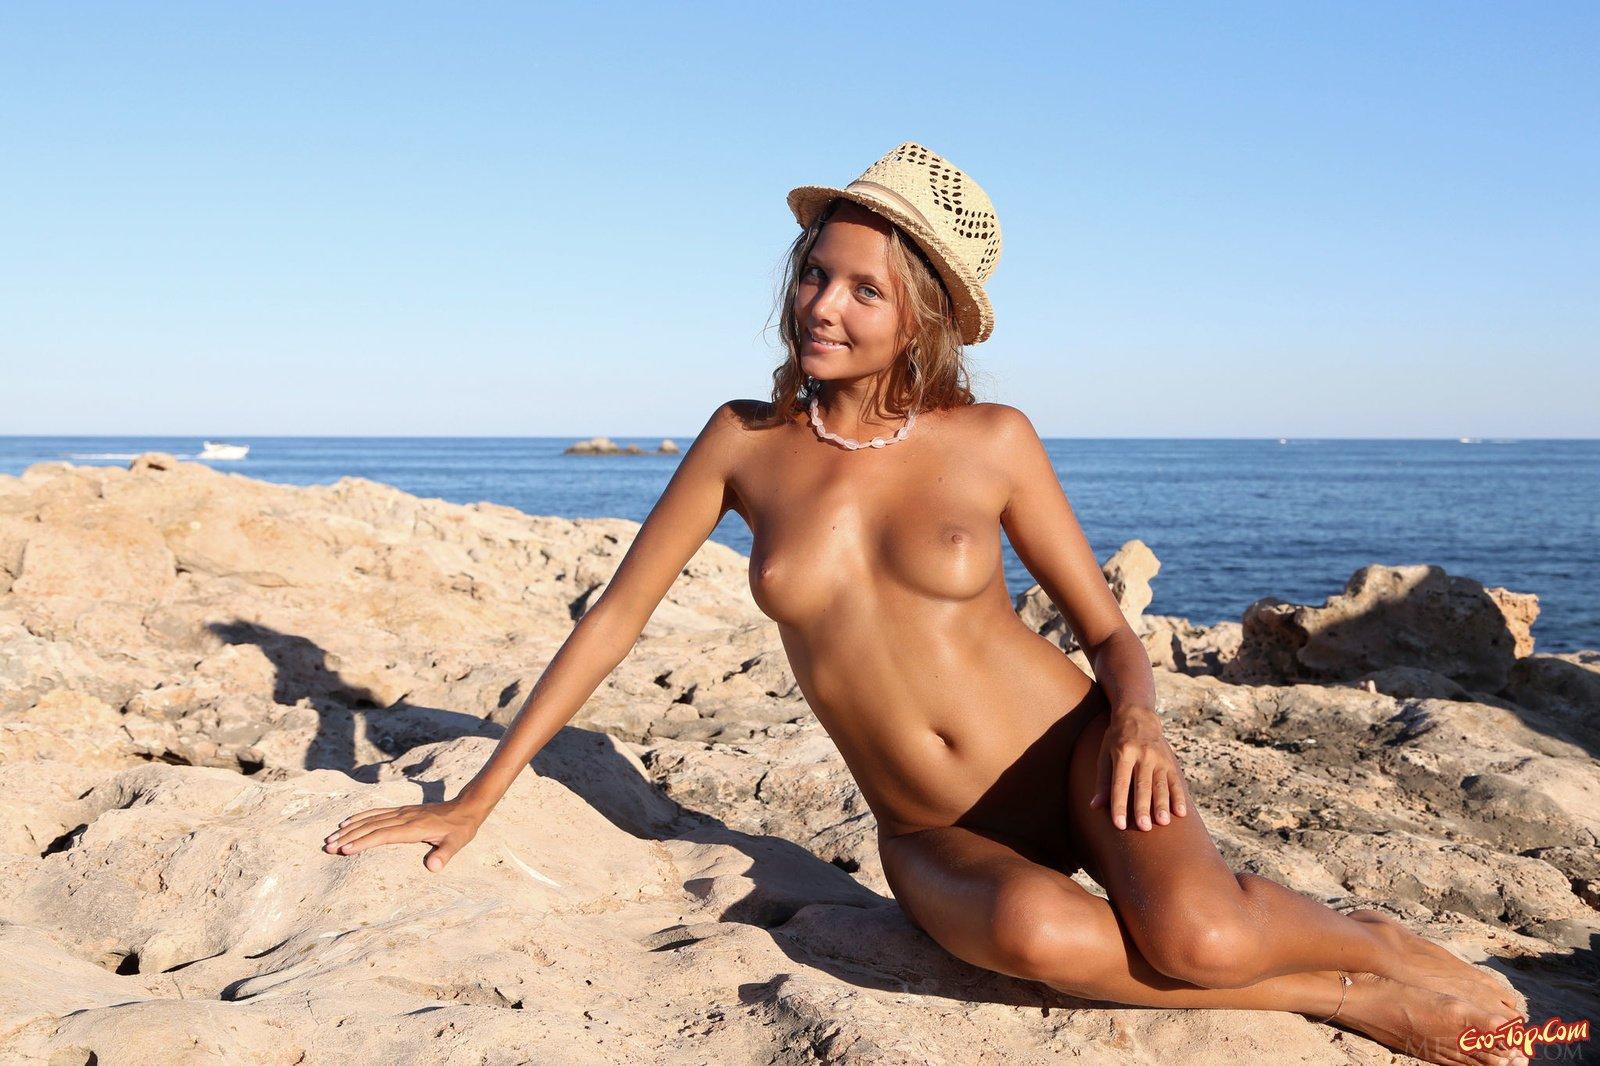 Загорелая деваха делает селфи недалеко от моря